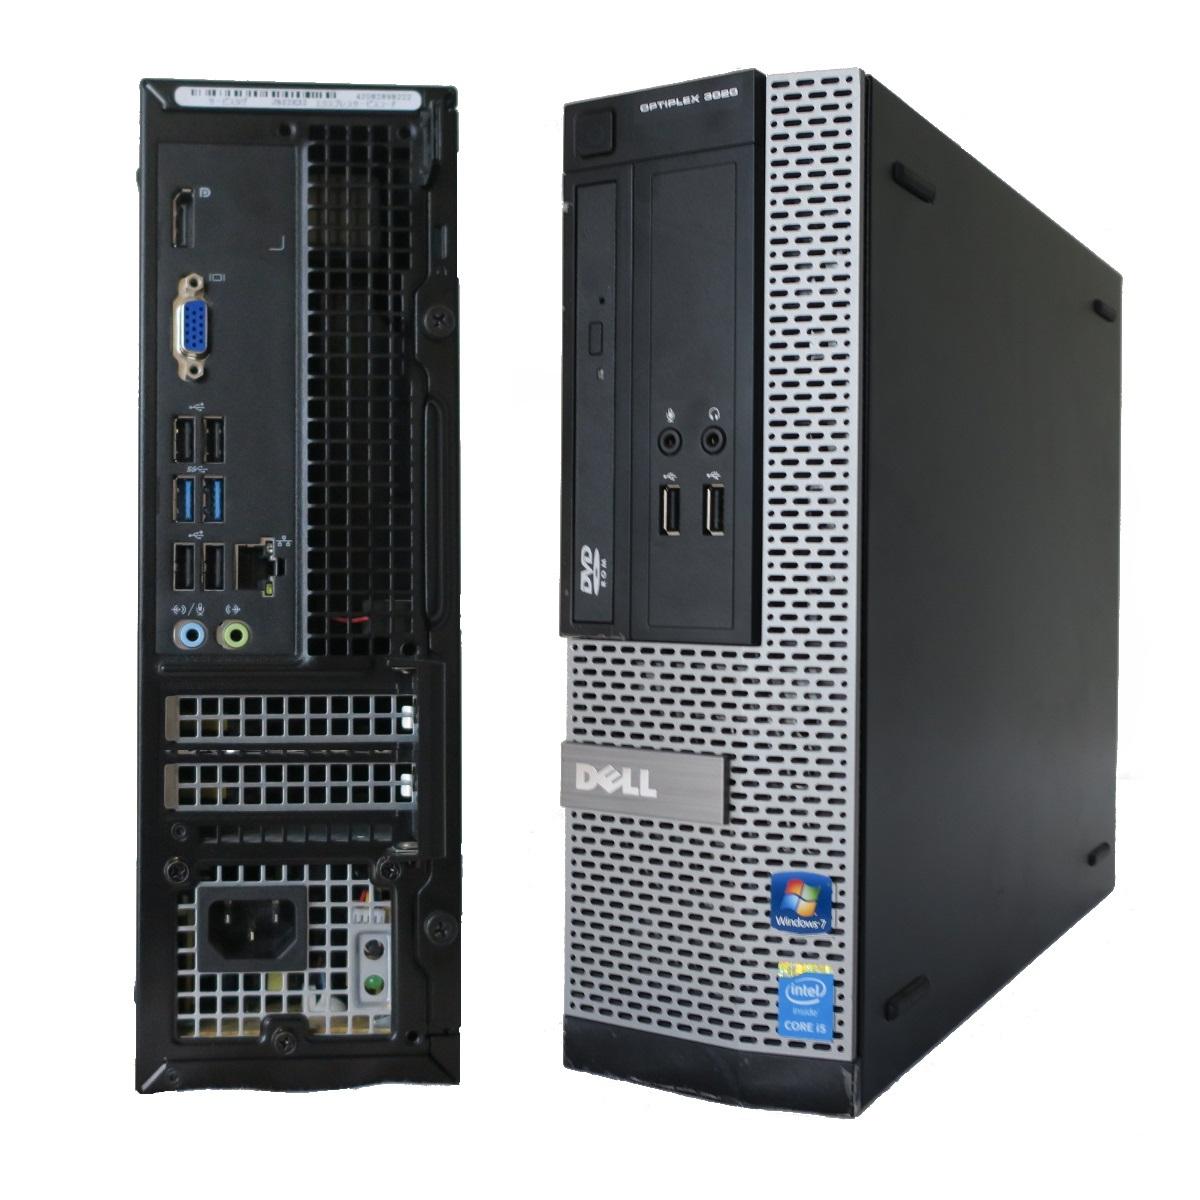 中古デスクトップDell Optiplex 3020 3020-3020SF 【中古】 Dell Optiplex 3020 中古デスクトップCore i5 Win7 Pro Dell Optiplex 3020 中古デスクトップCore i5 Win7 Pro